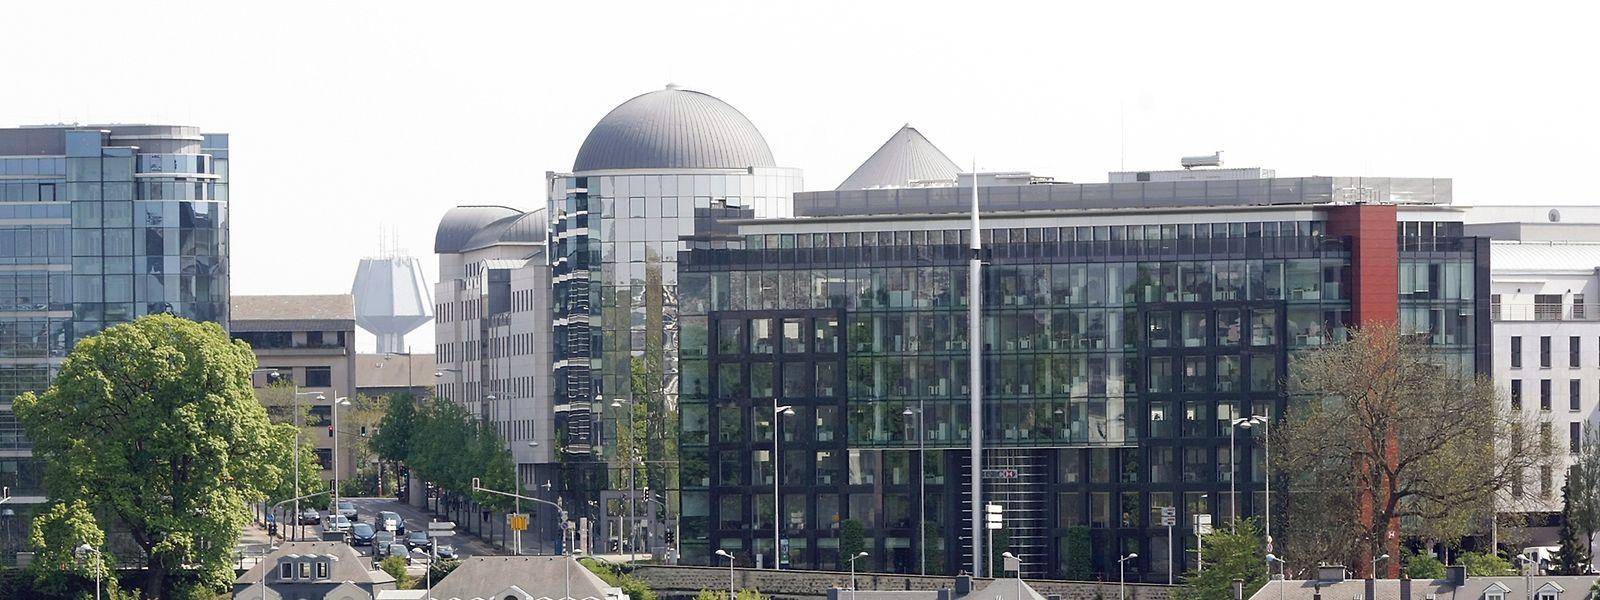 Damit der Wirtschaftsstandort Luxemburg auch in Zukunft konkurrenzfähig bleibt, muss der Weg der letzten fünf Jahre weitergegangen werden.